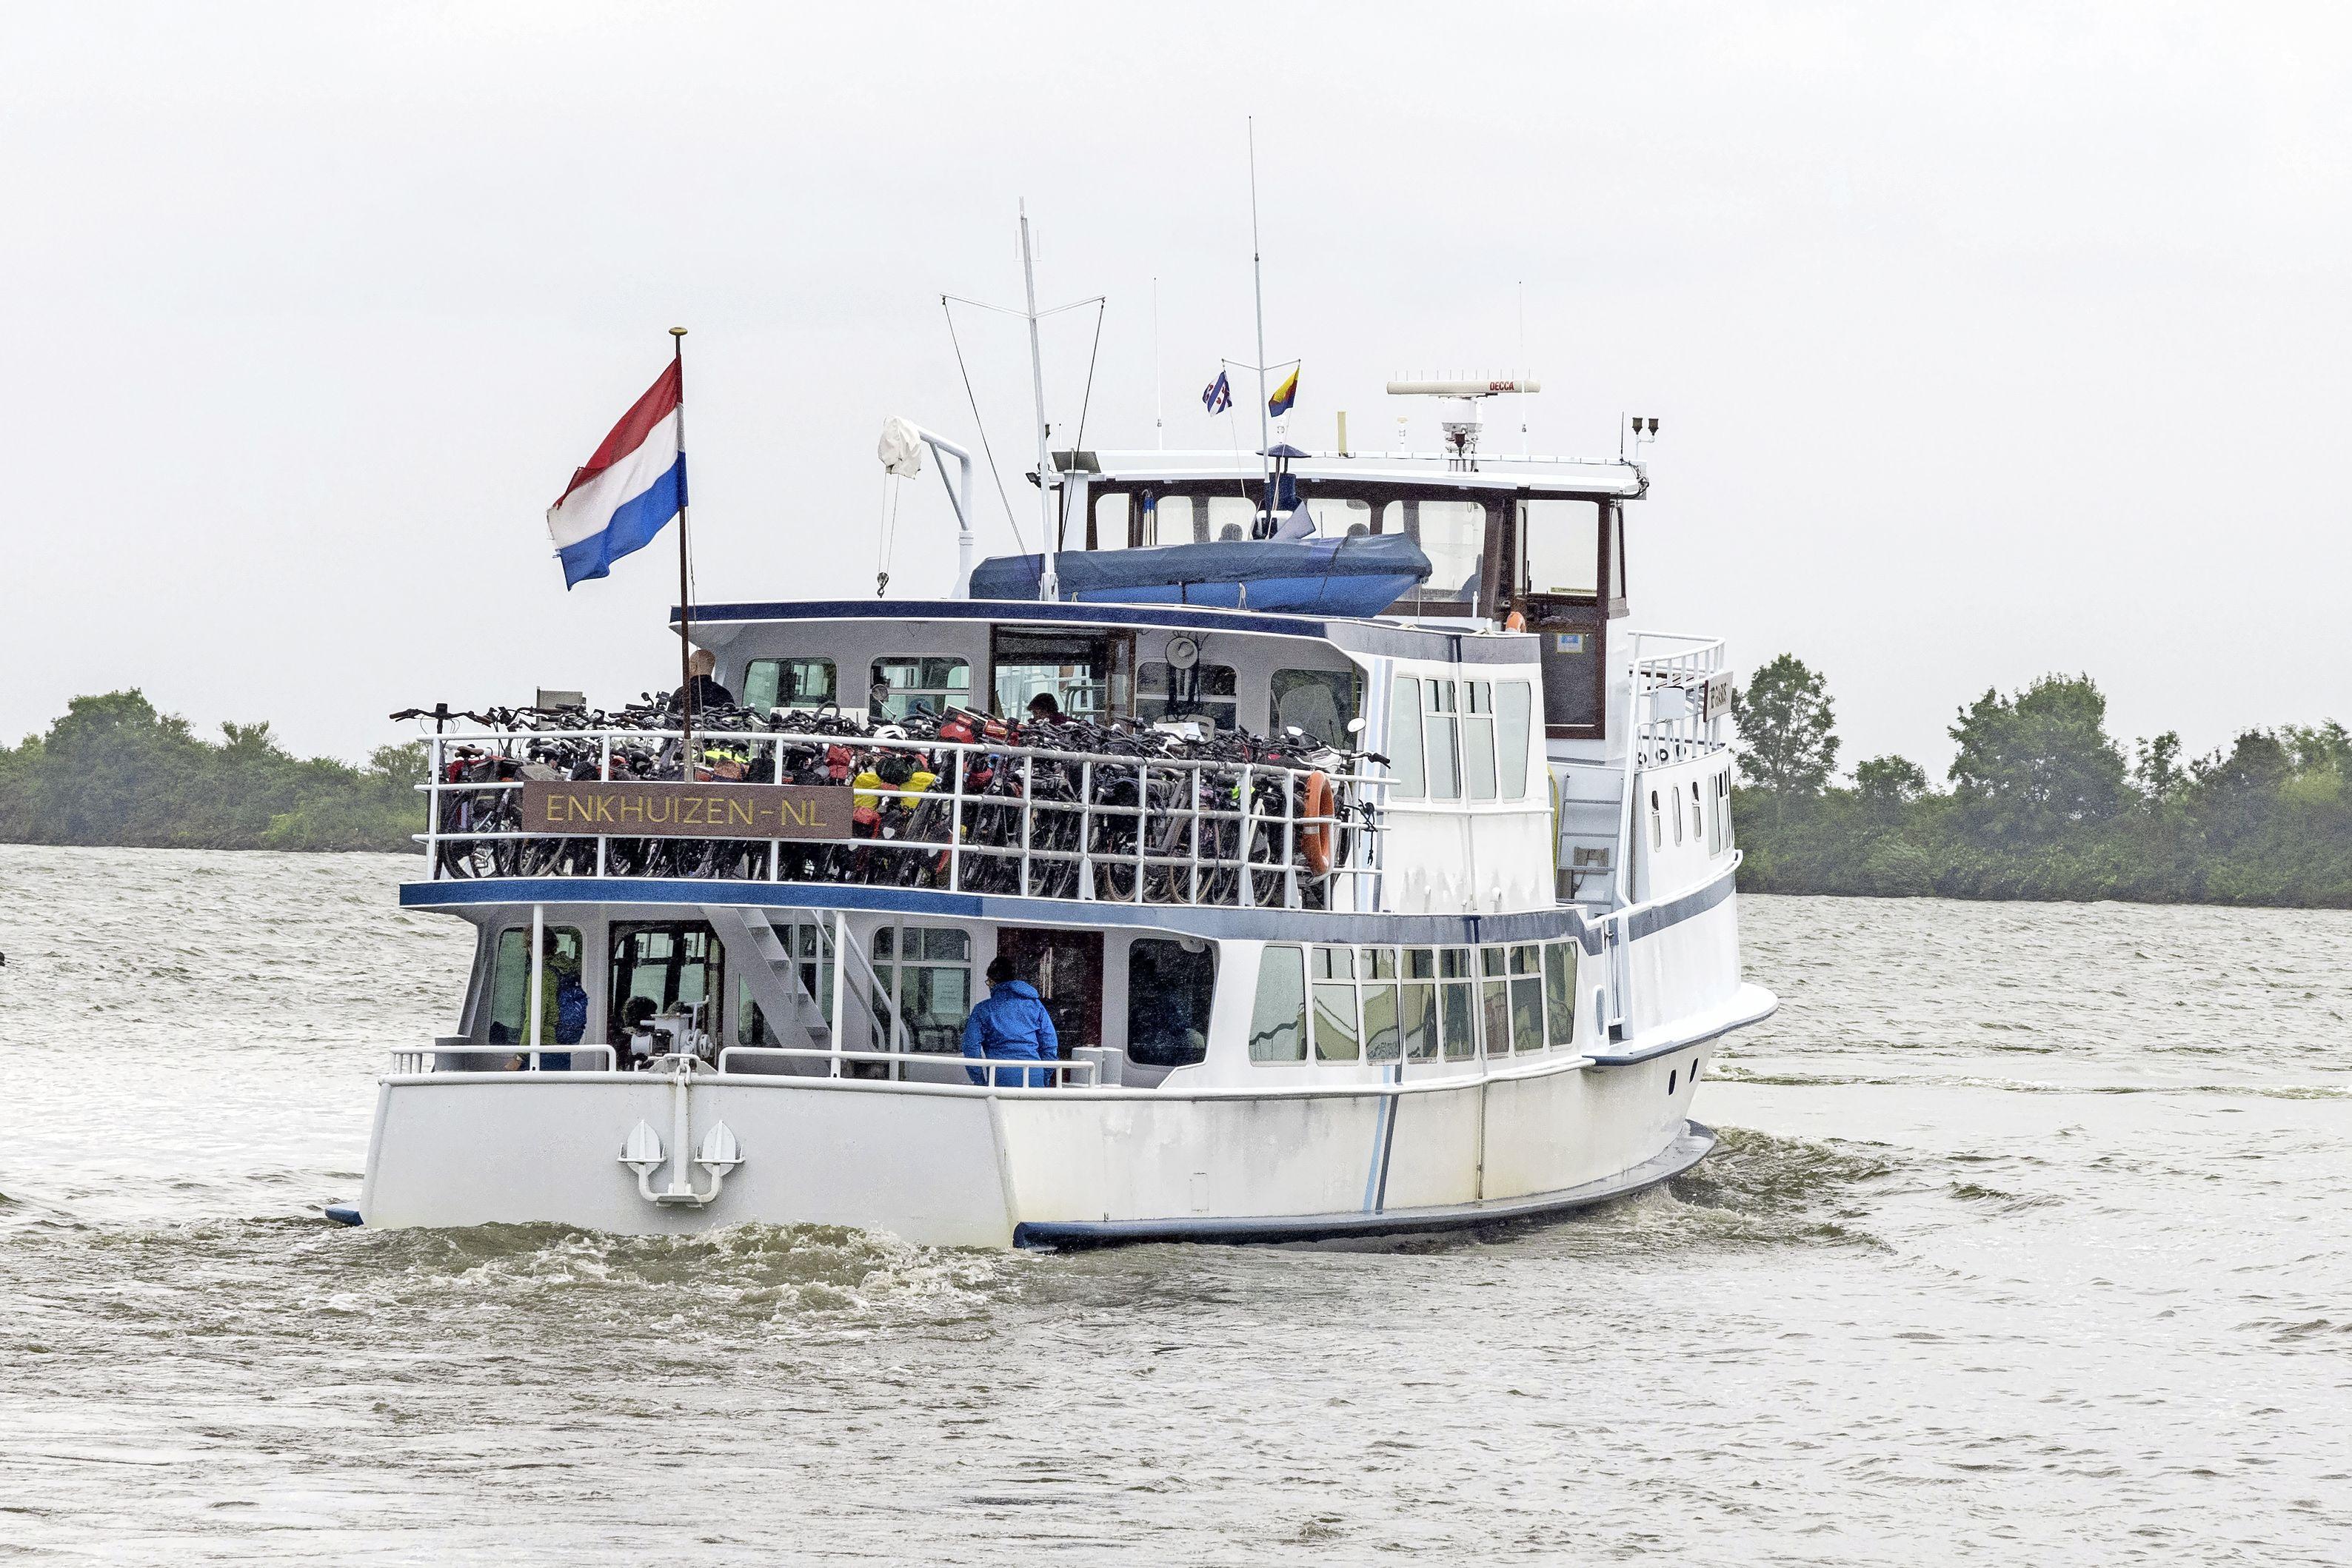 55-jaar oude Enkhuizer veerpont Bep Glasius is door corona 'uitgekleed'. Afgesloten Afsluitdijk is meevaller vanwege fietsers